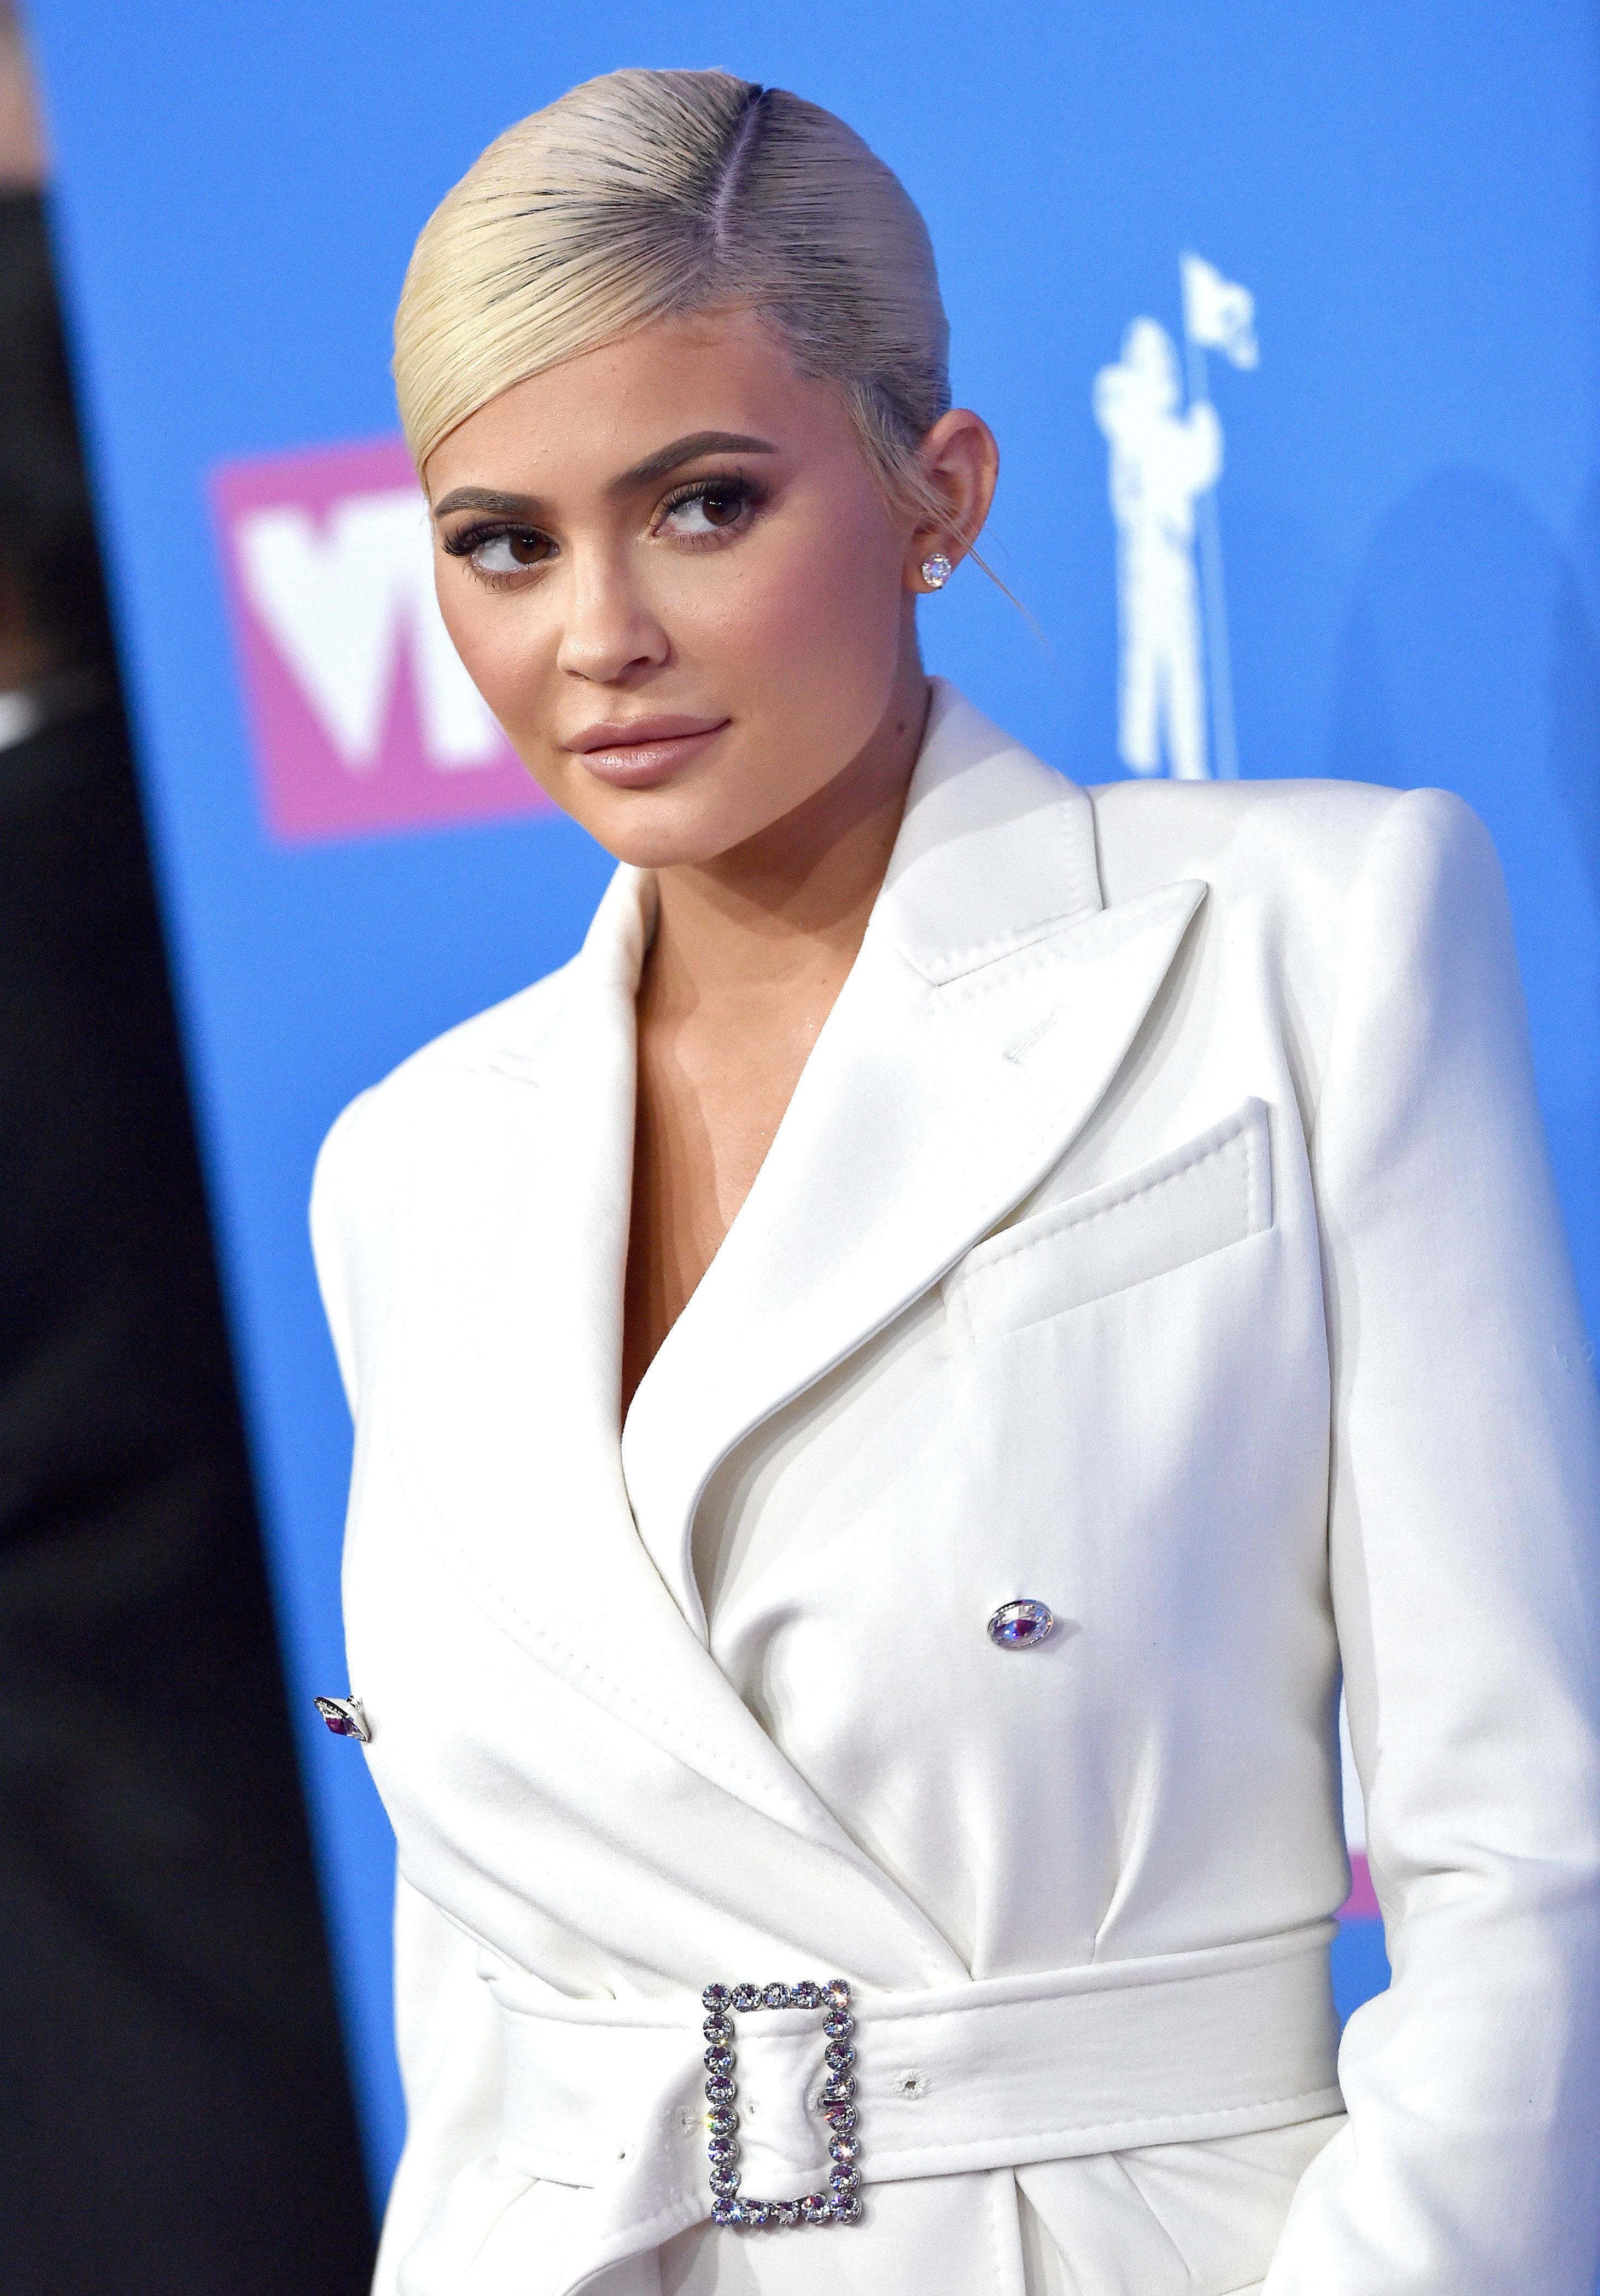 Kylie Jenner Slams YouTuber For Faking Travis Scott Cheating